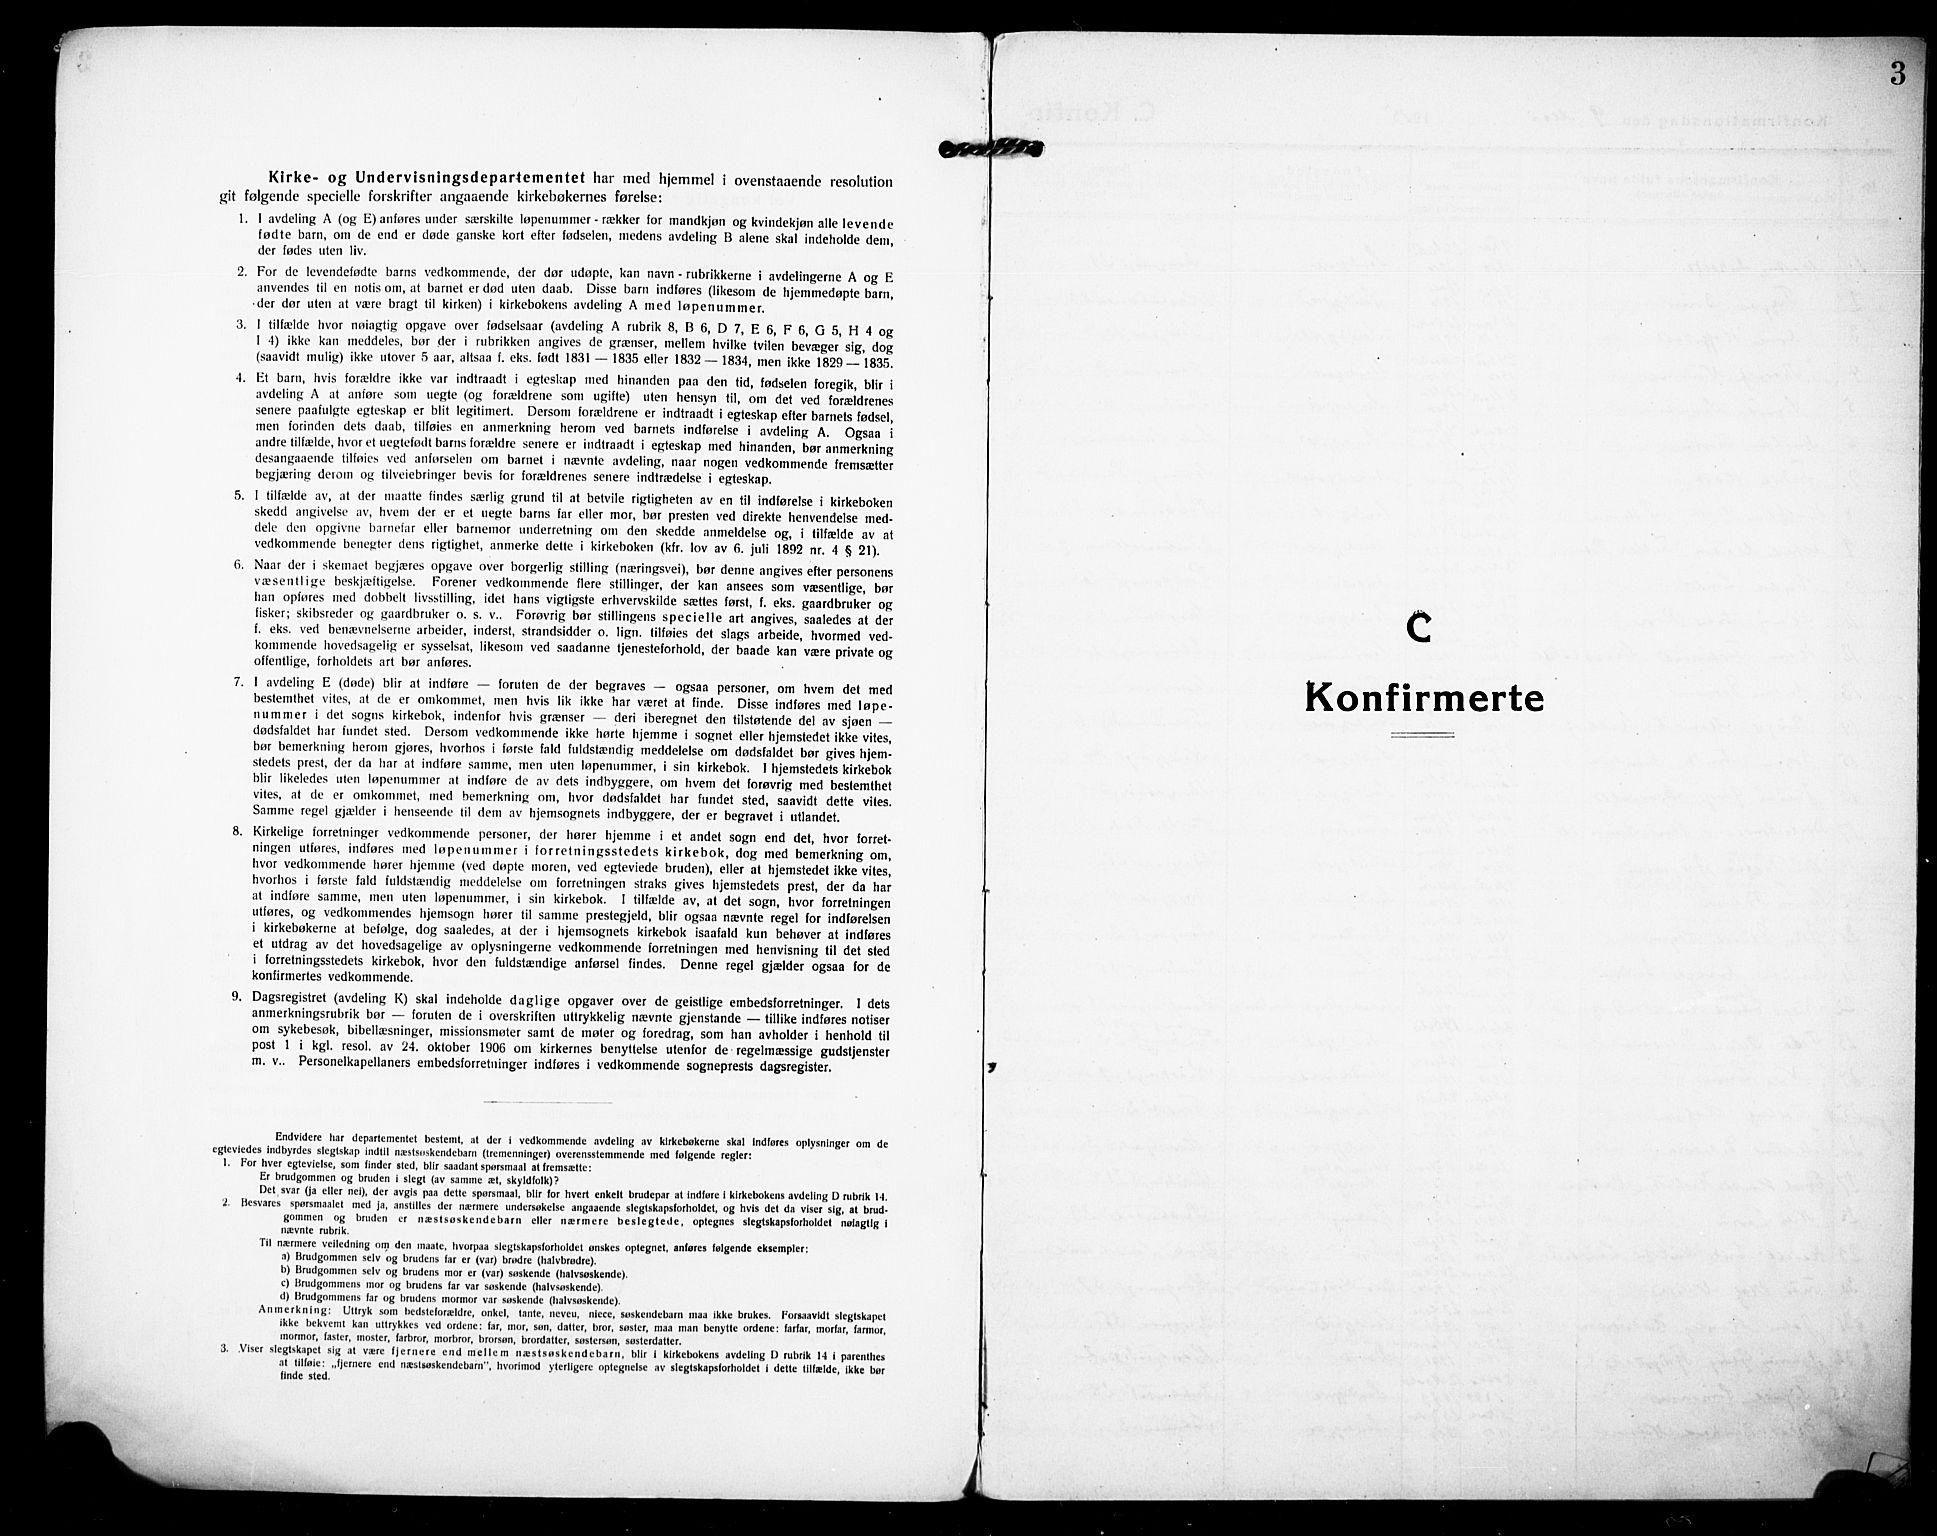 SAKO, Sandefjord kirkebøker, F/Fa/L0006: Ministerialbok nr. 6, 1915-1930, s. 3